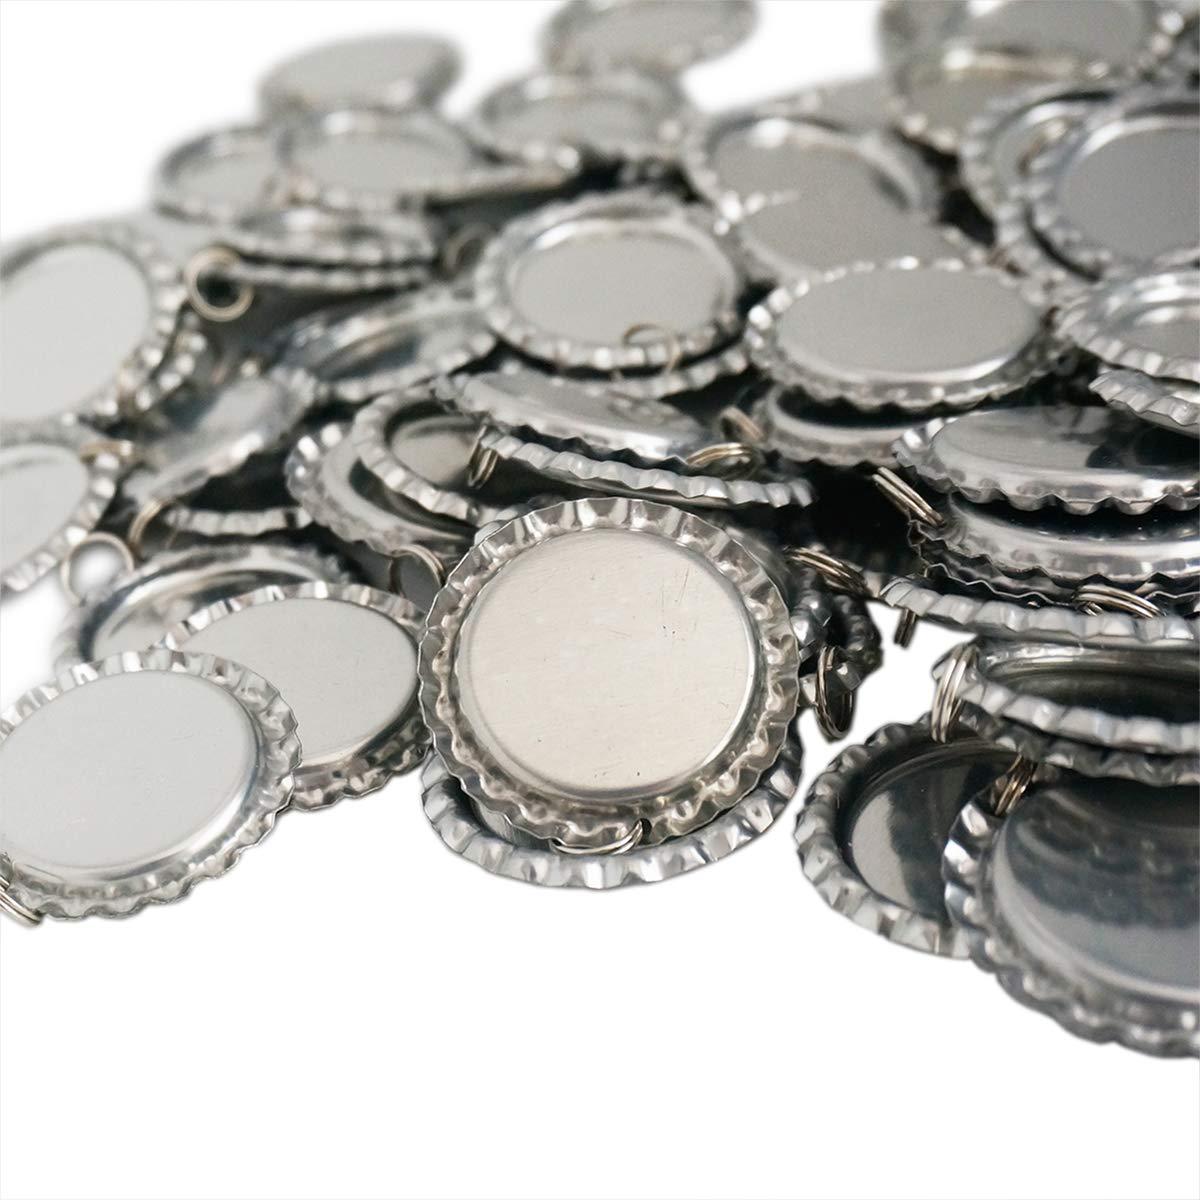 100 Pieces Flattened Bottle caps Double Sided, Wholesale Bottle Caps Caps with Split Ring, Silver Bottle Caps Crafts Pendants, Necklaces, Jewelry QG-Bottle caps